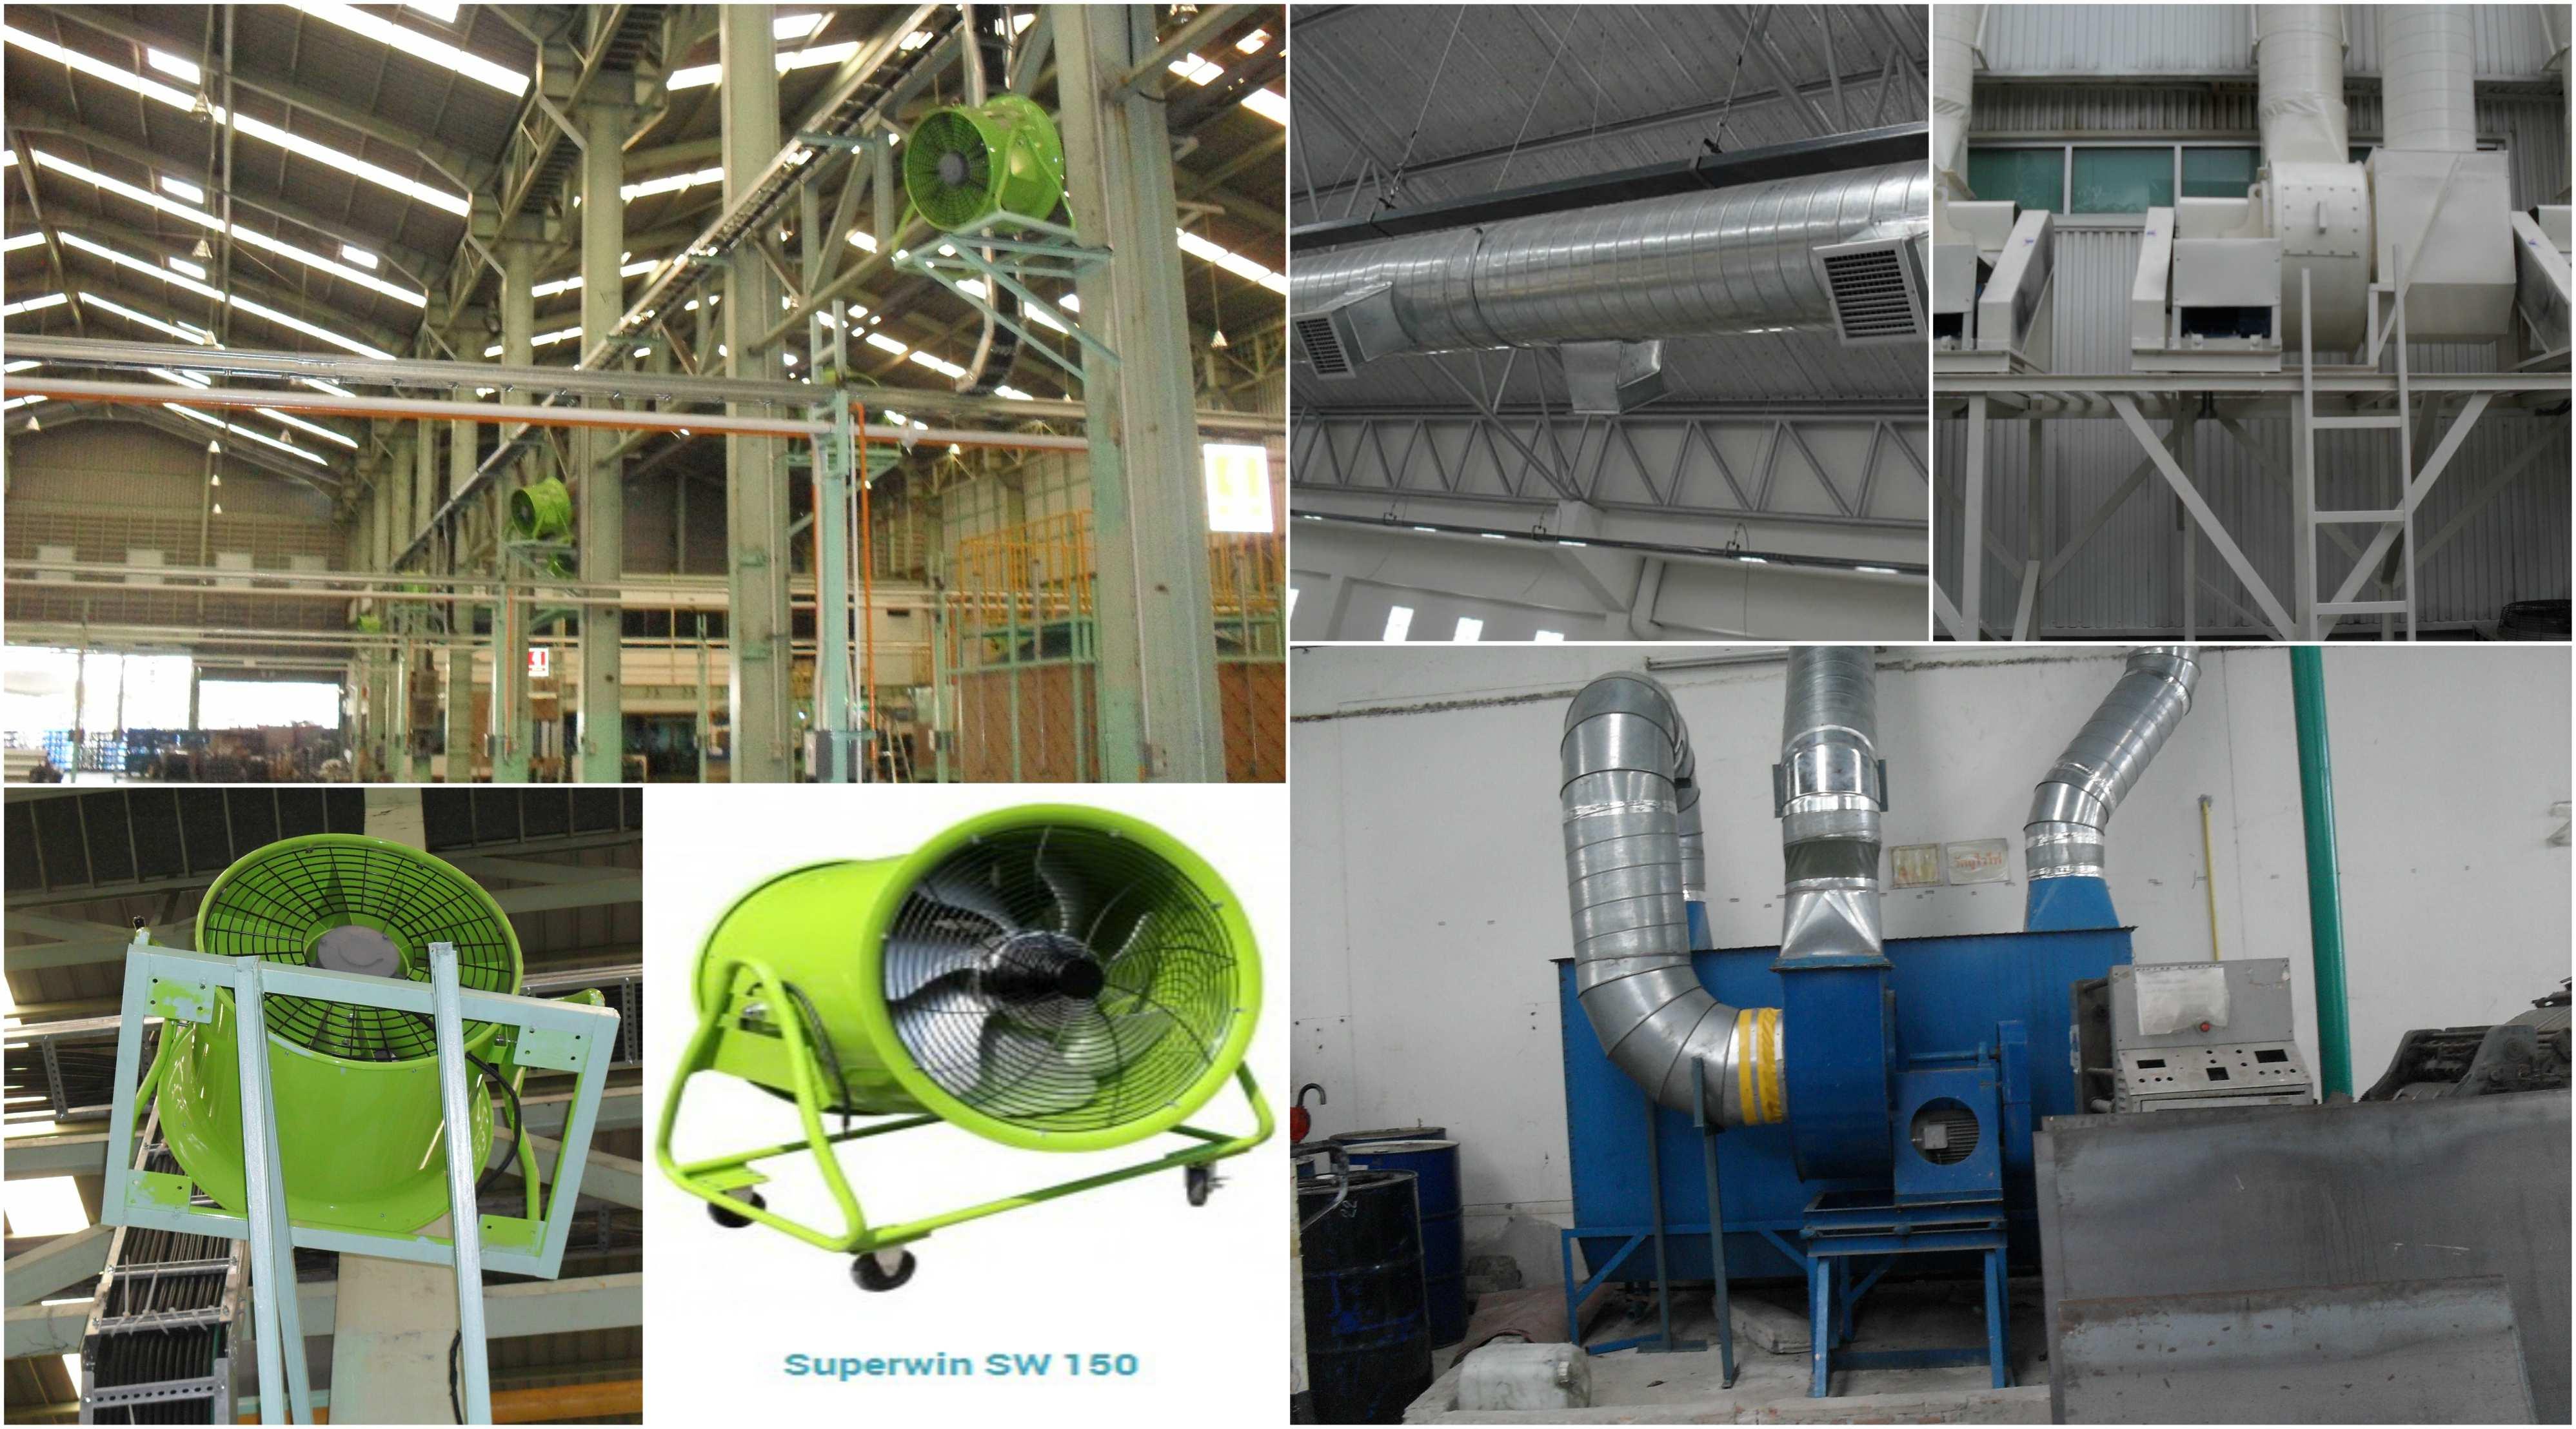 ระบบระบายอากาศ โรงงานอุตสาหกรรม